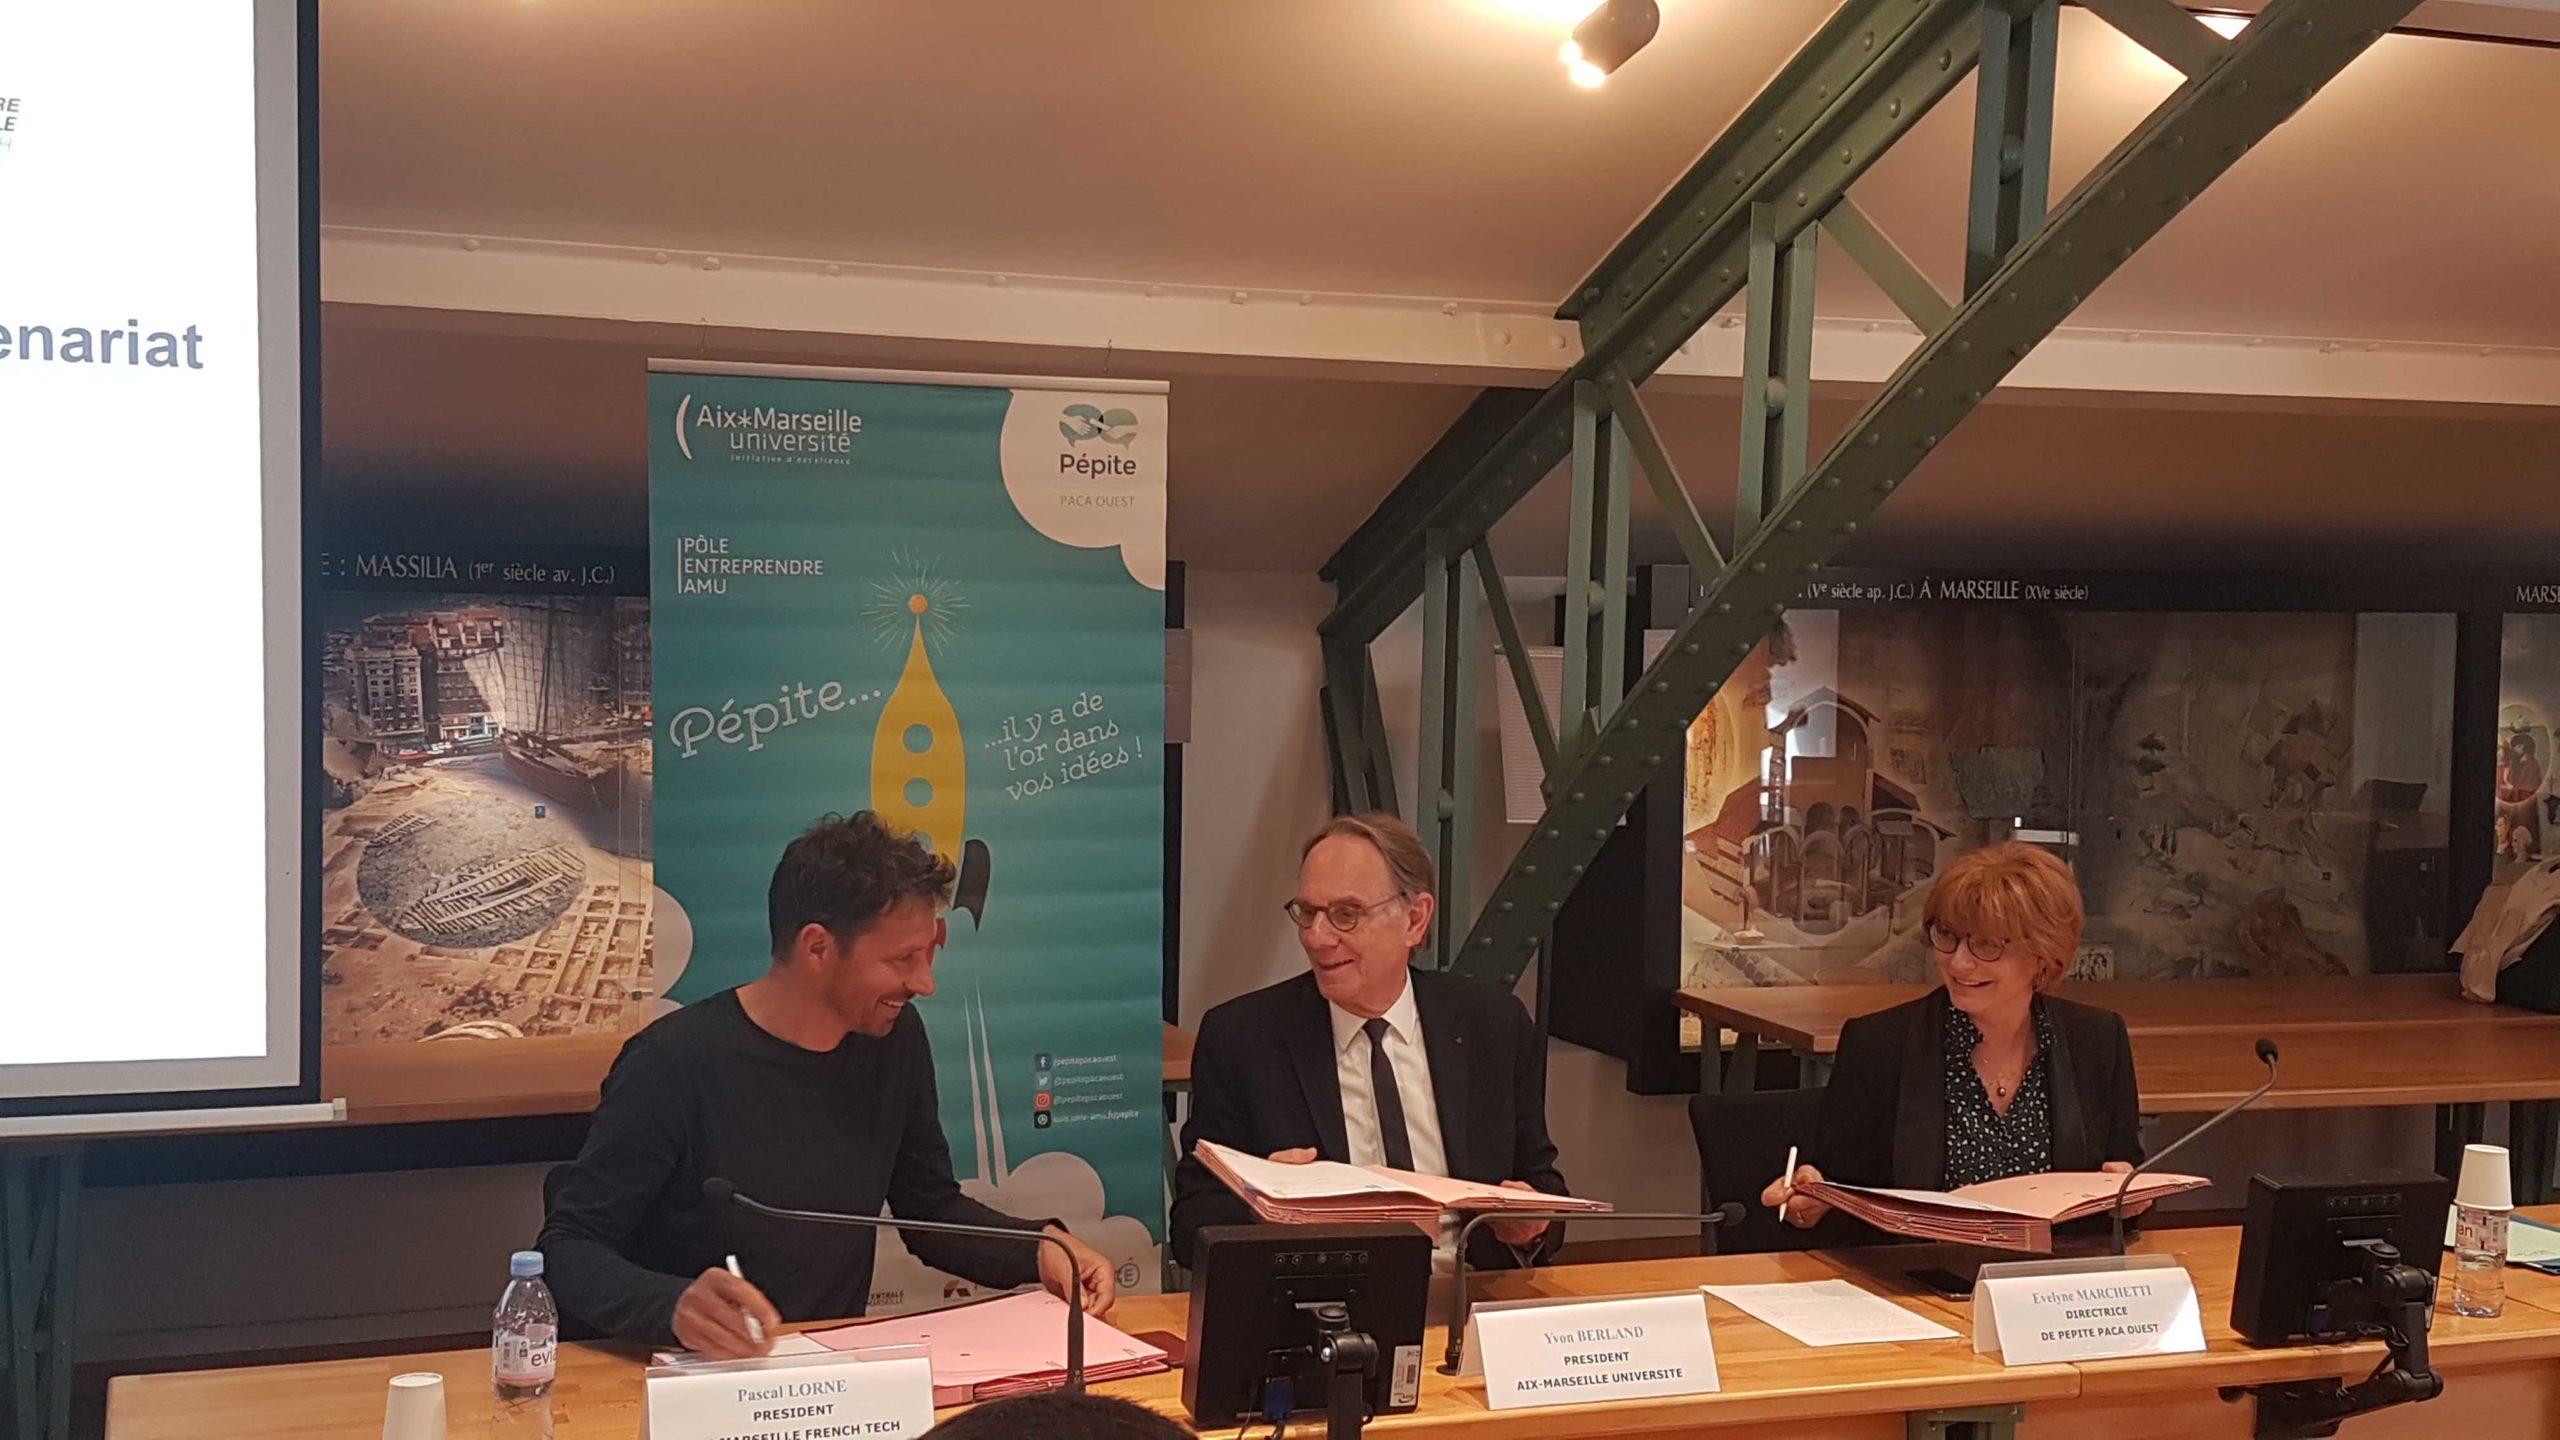 La French Tech Aix-Marseille signe une convention de partenariat avec le pôle PEPITE PACA OUEST d'Aix-Marseille Université